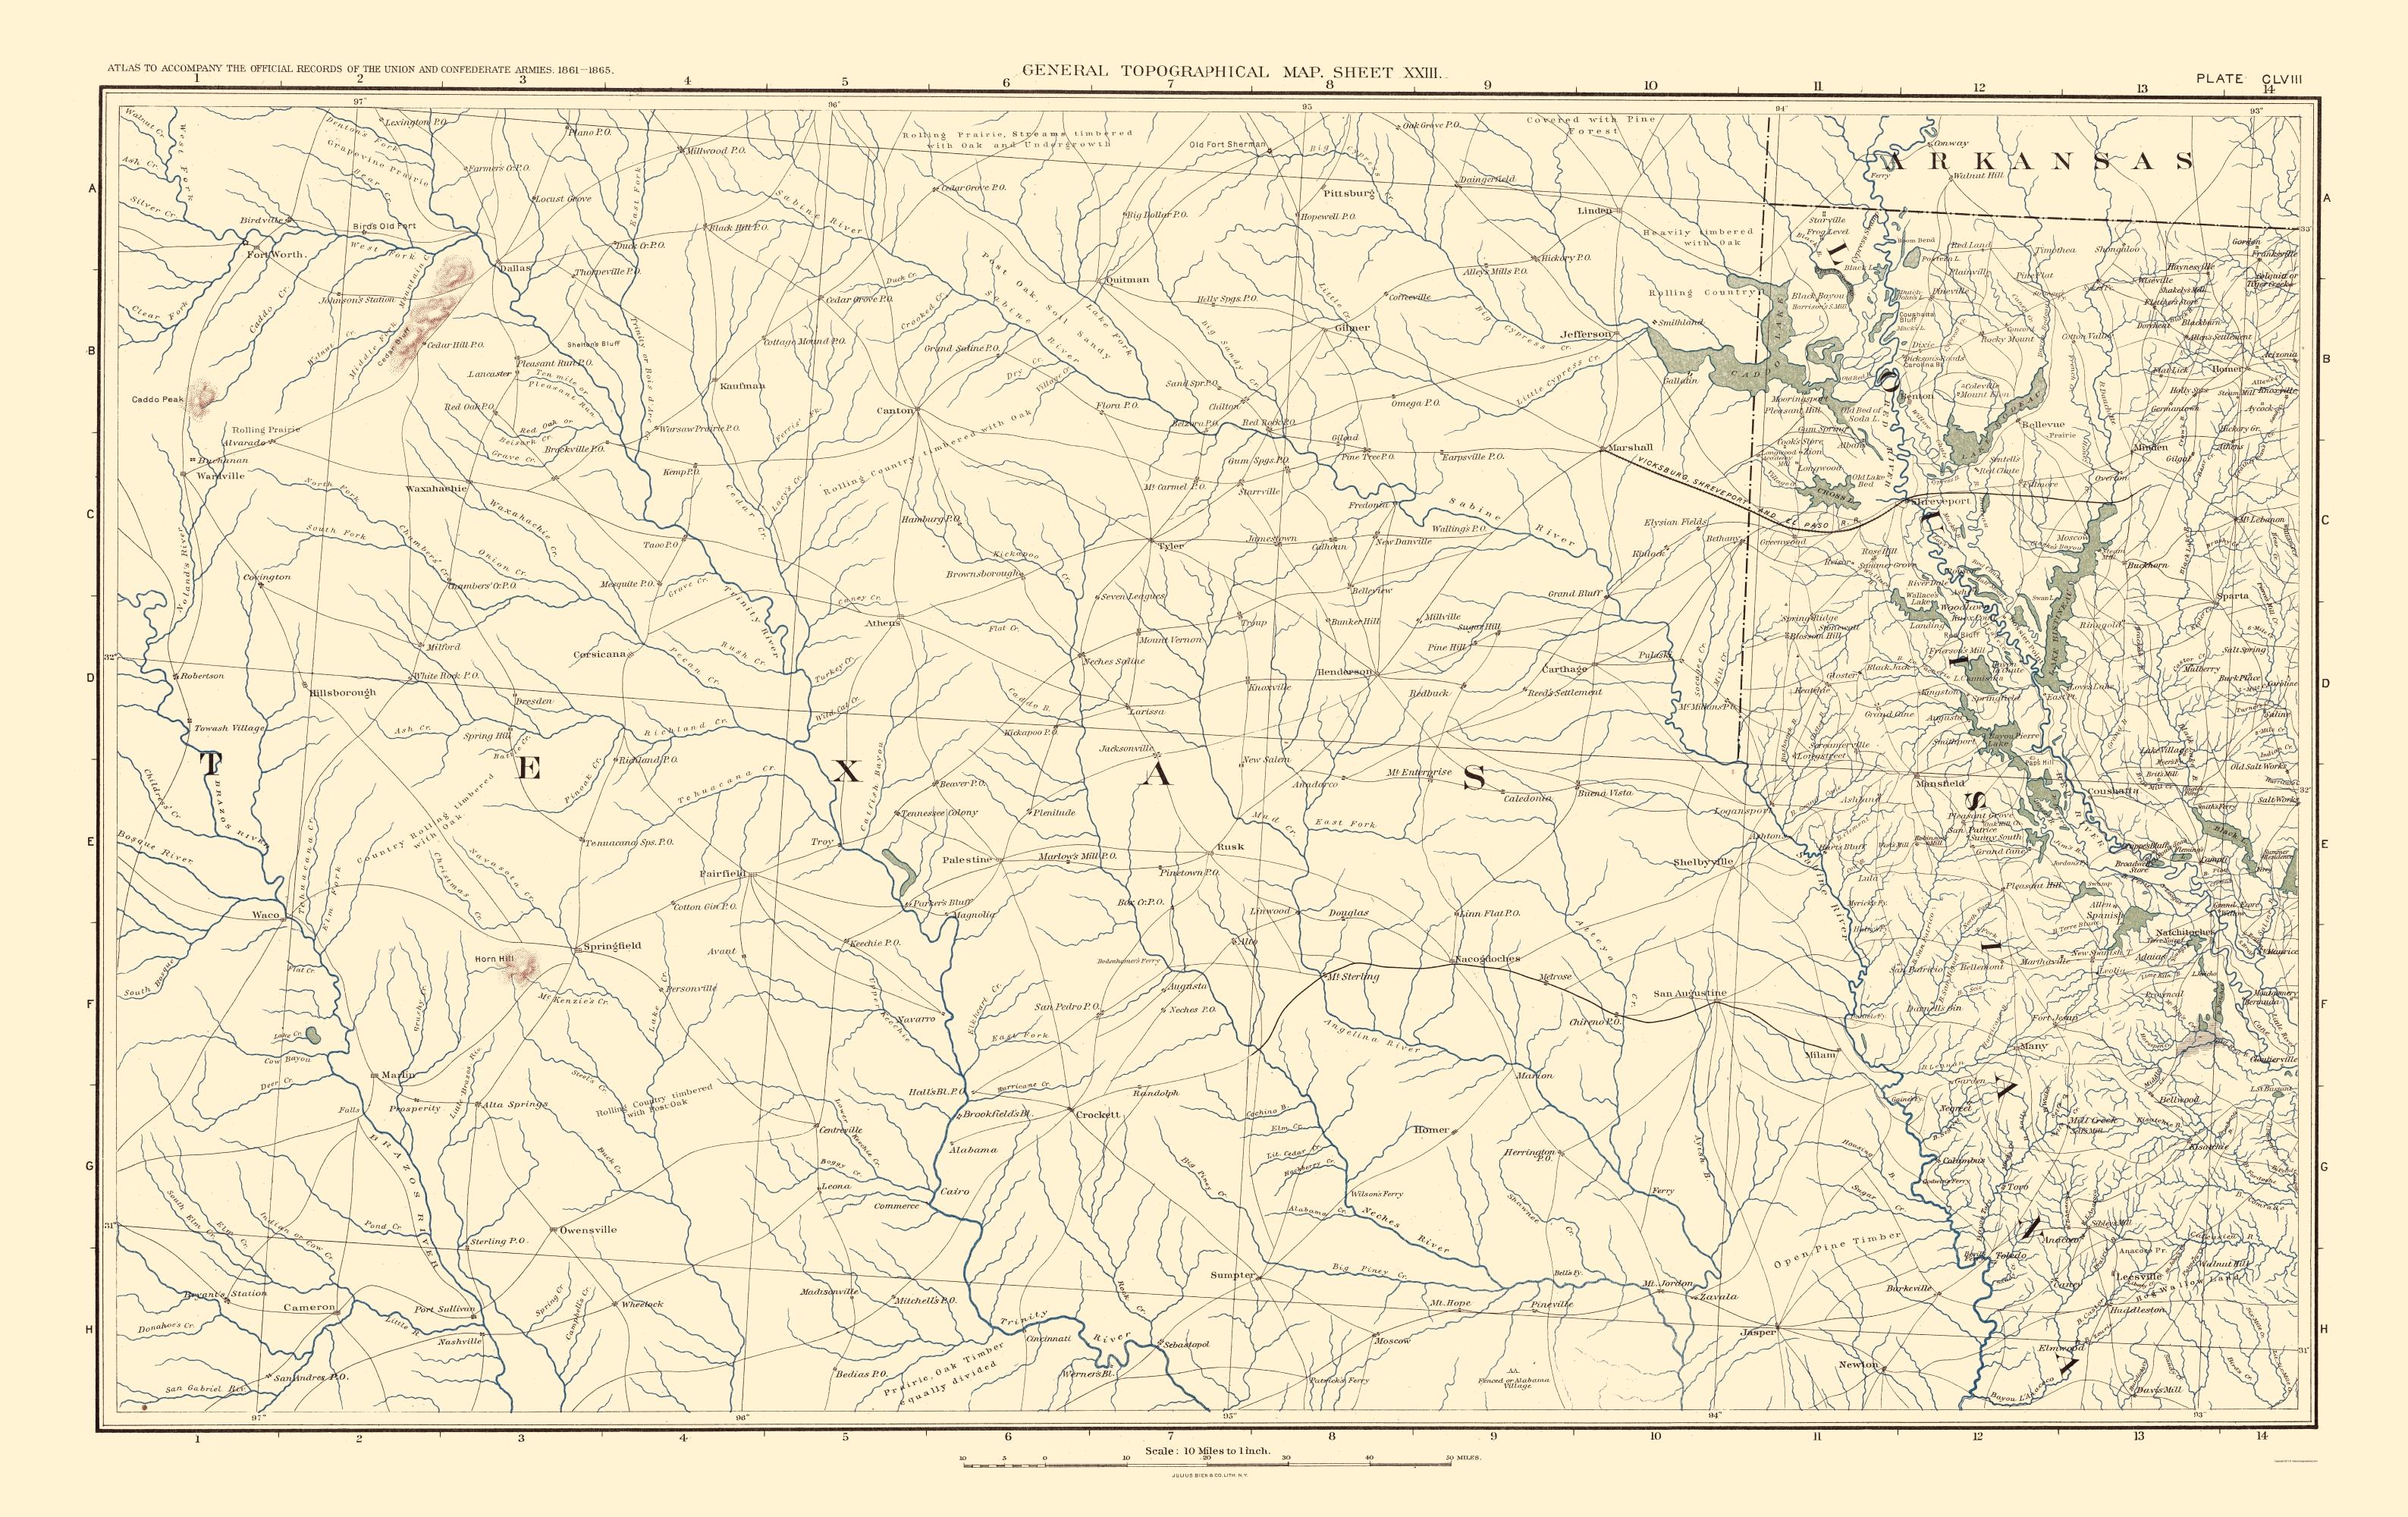 Map Of Texas Louisiana.Civil War Map Print Texas Louisiana Arkansas Bien 1895 23 X 36 51